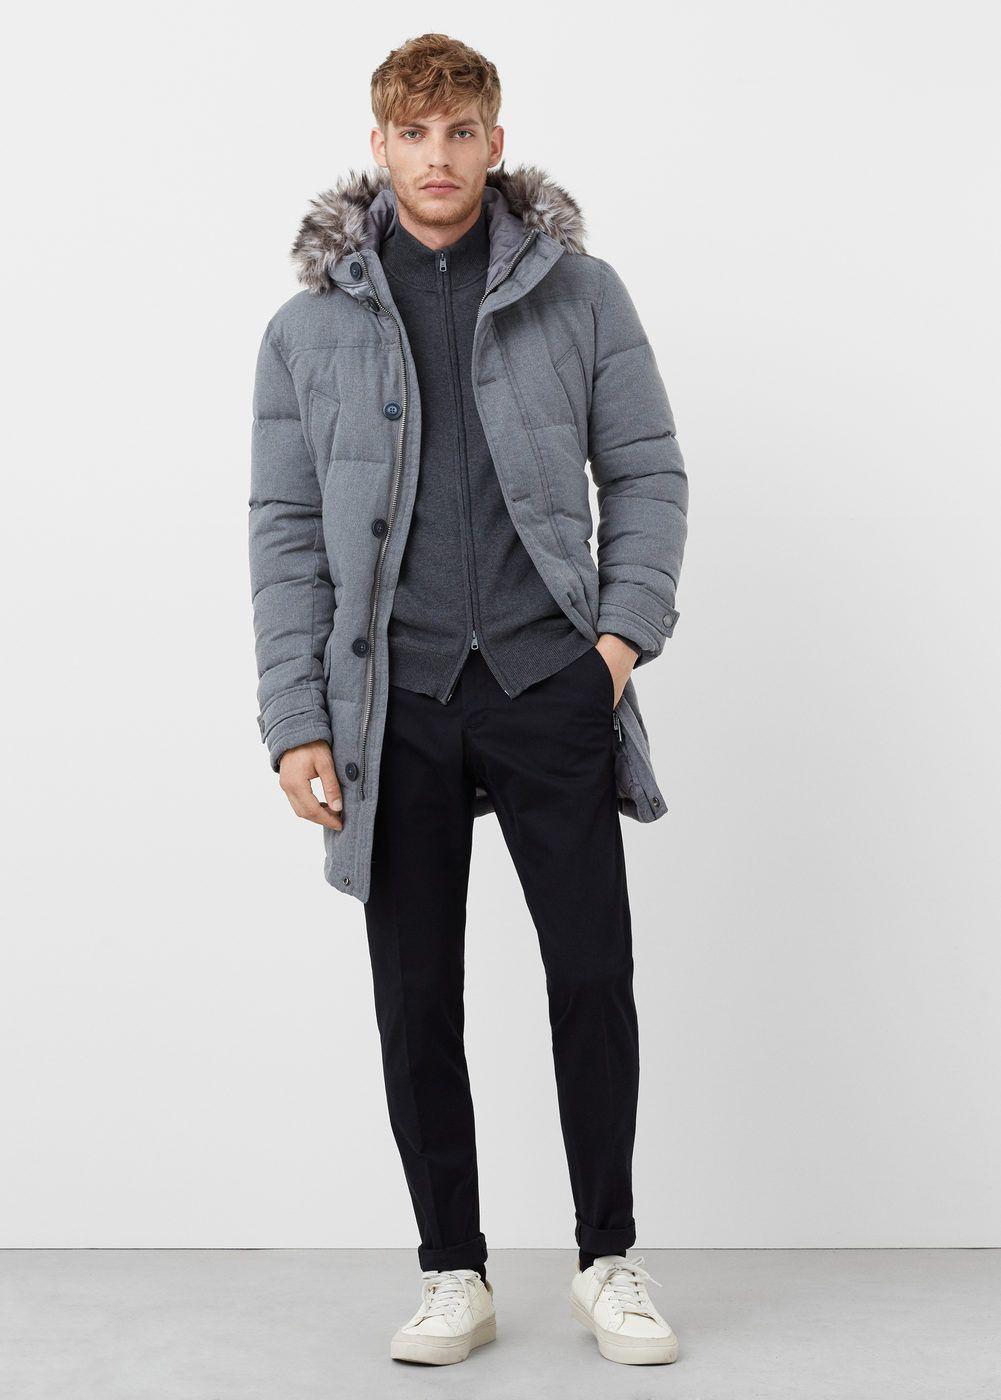 zapatos para baratas completamente elegante amplia selección de colores y diseños Anorak plumón pelo - Hombre   Abrigos de hombre   Winter ...